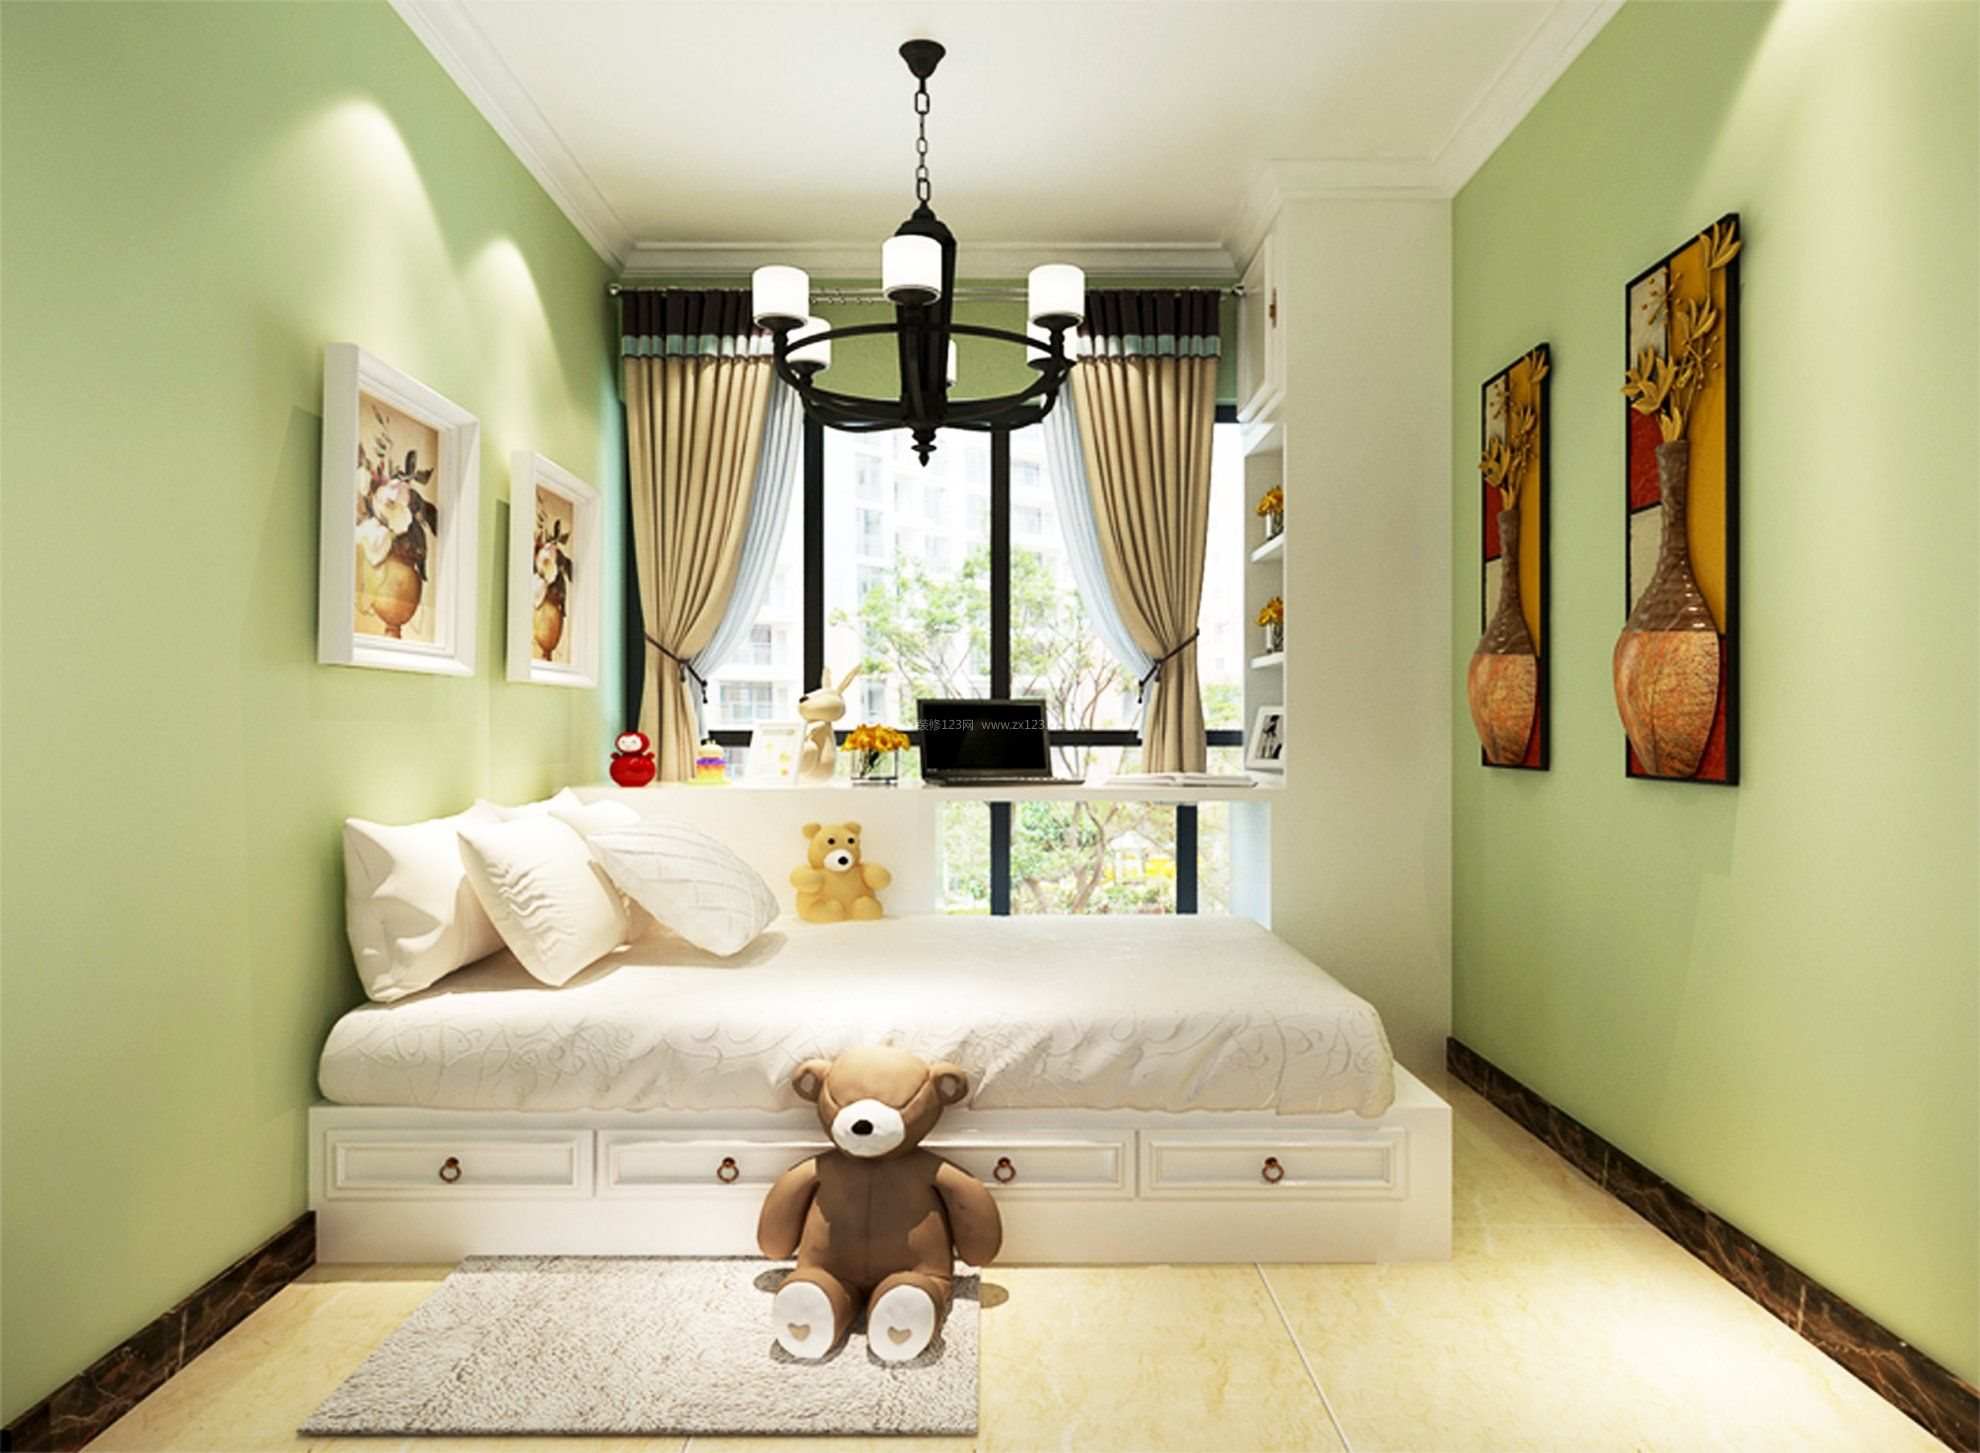 浅紫卧室墙面漆效果图_淡紫色卧室